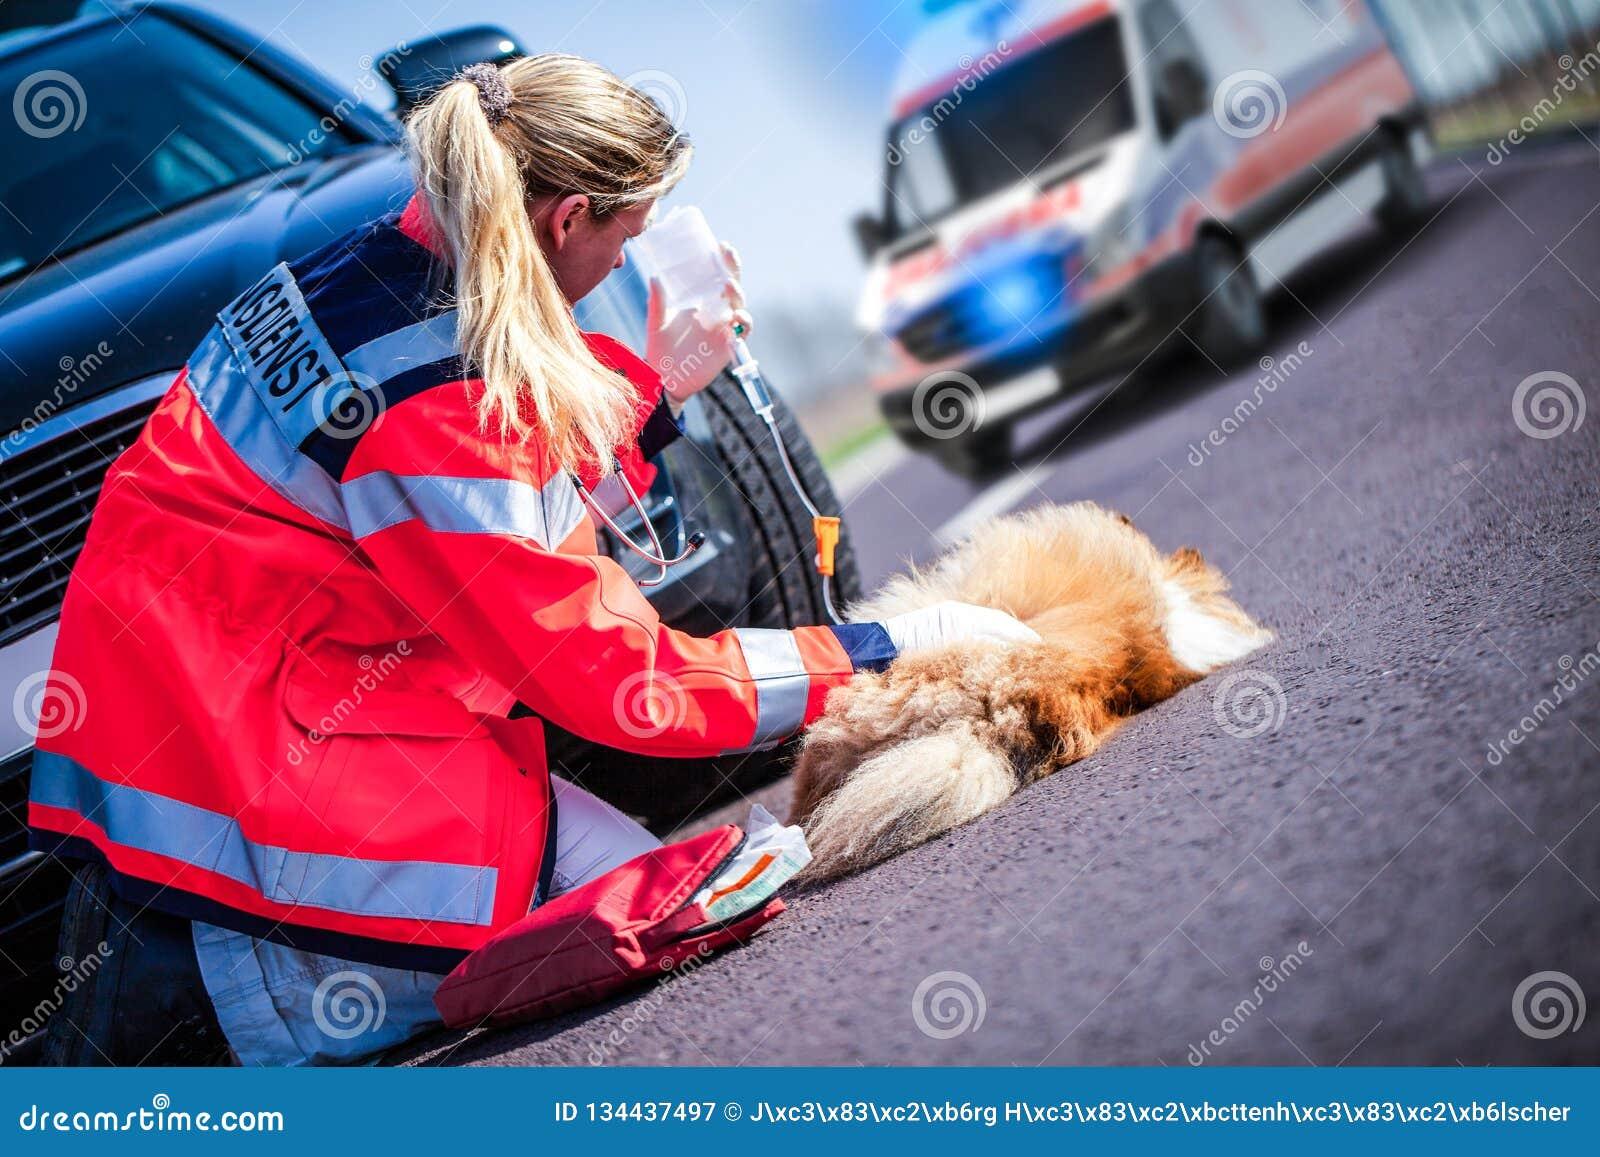 德国动物军医对待一条受伤的狗